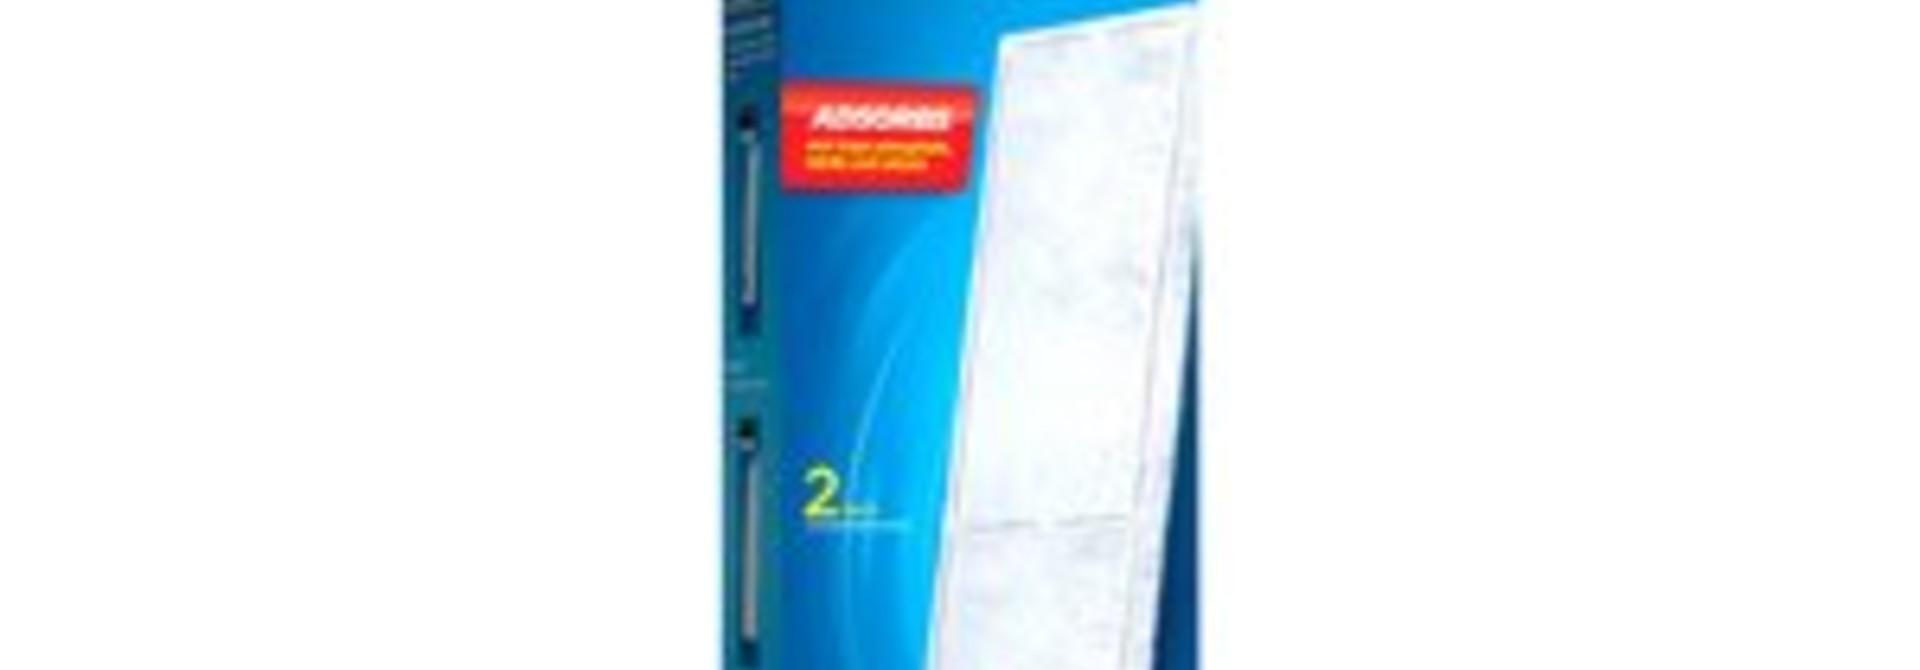 Fluval U4 Clearmax Cartridge, 2pcs/Pck